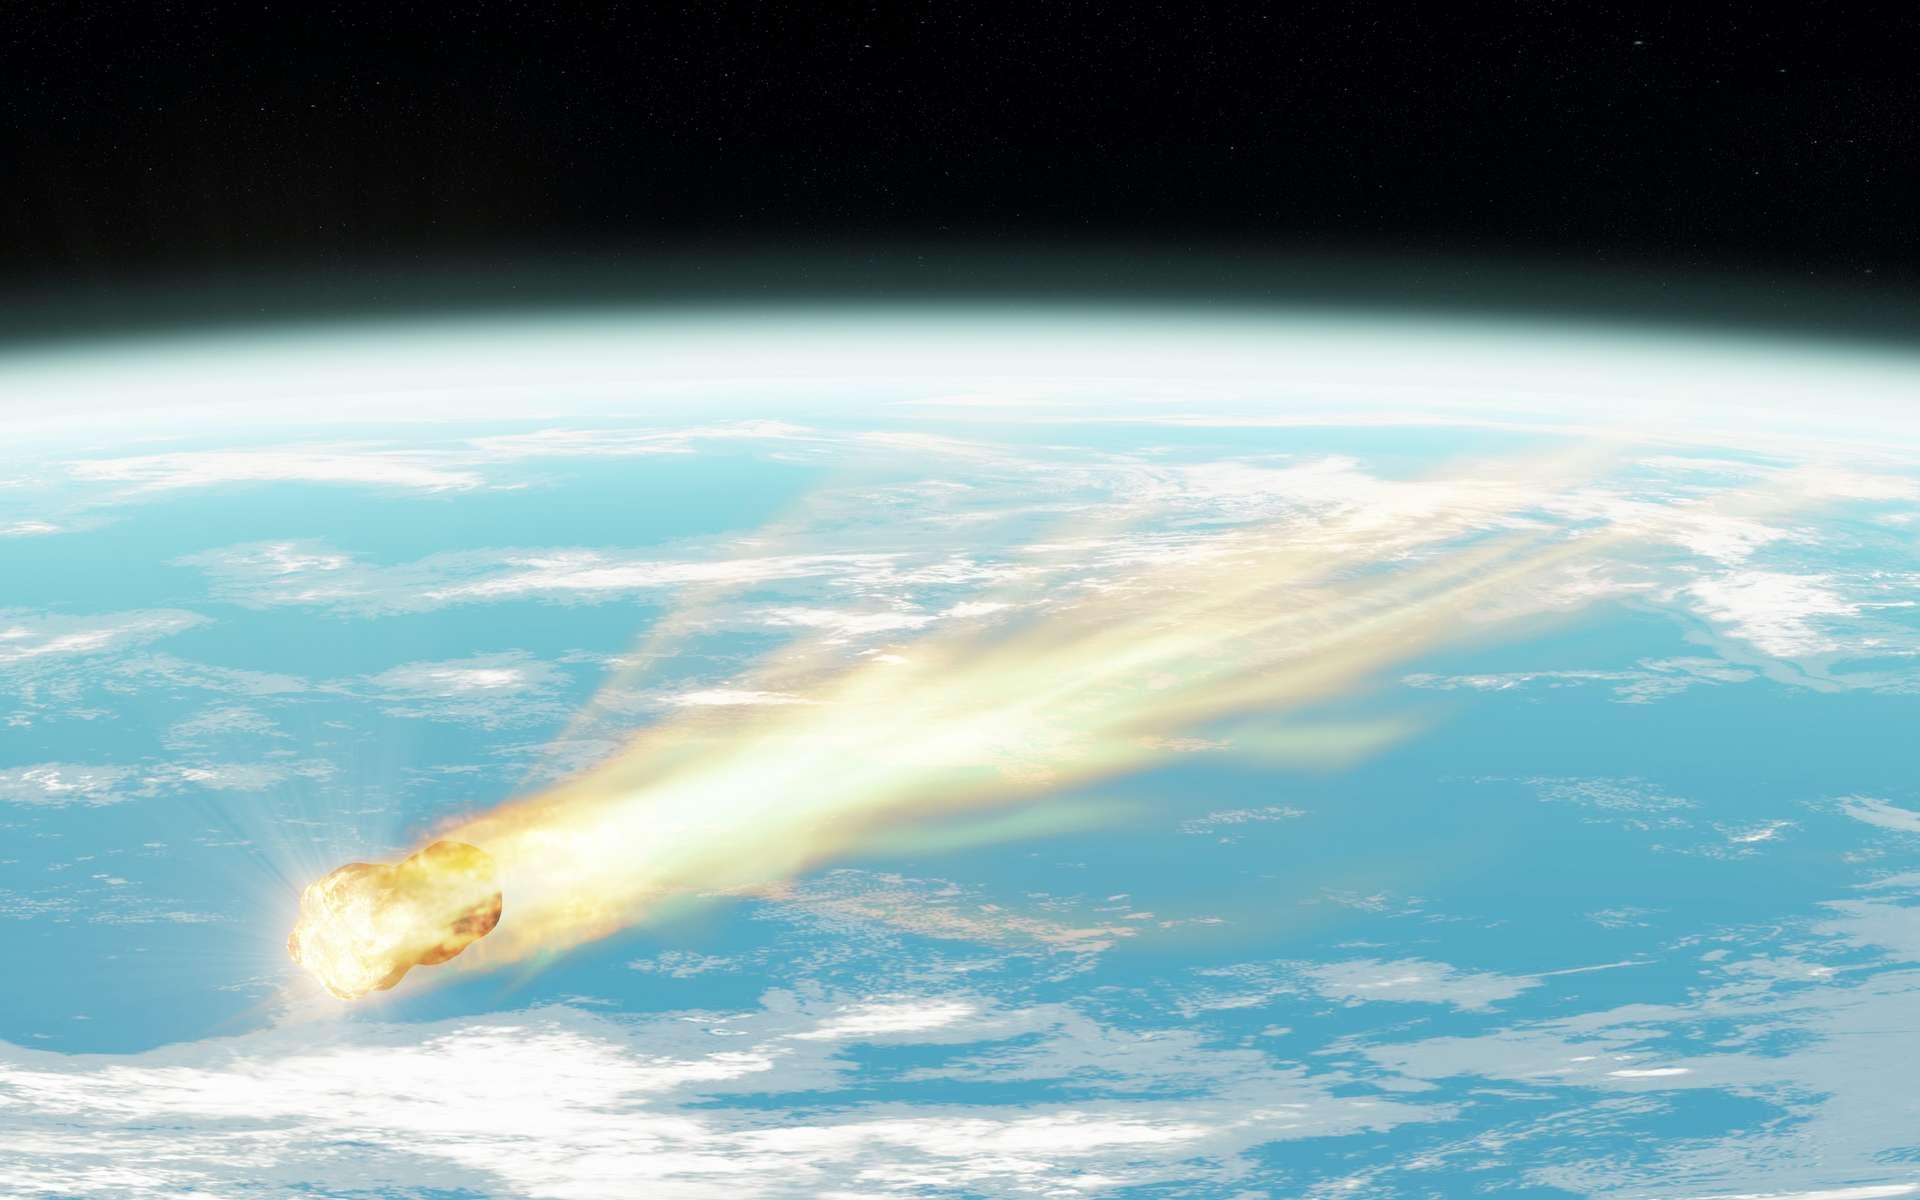 Illustration d'un astéroïde se consumant dans la haute atmosphère terrestre. © Stéphane Masclaux, Adobe Stock